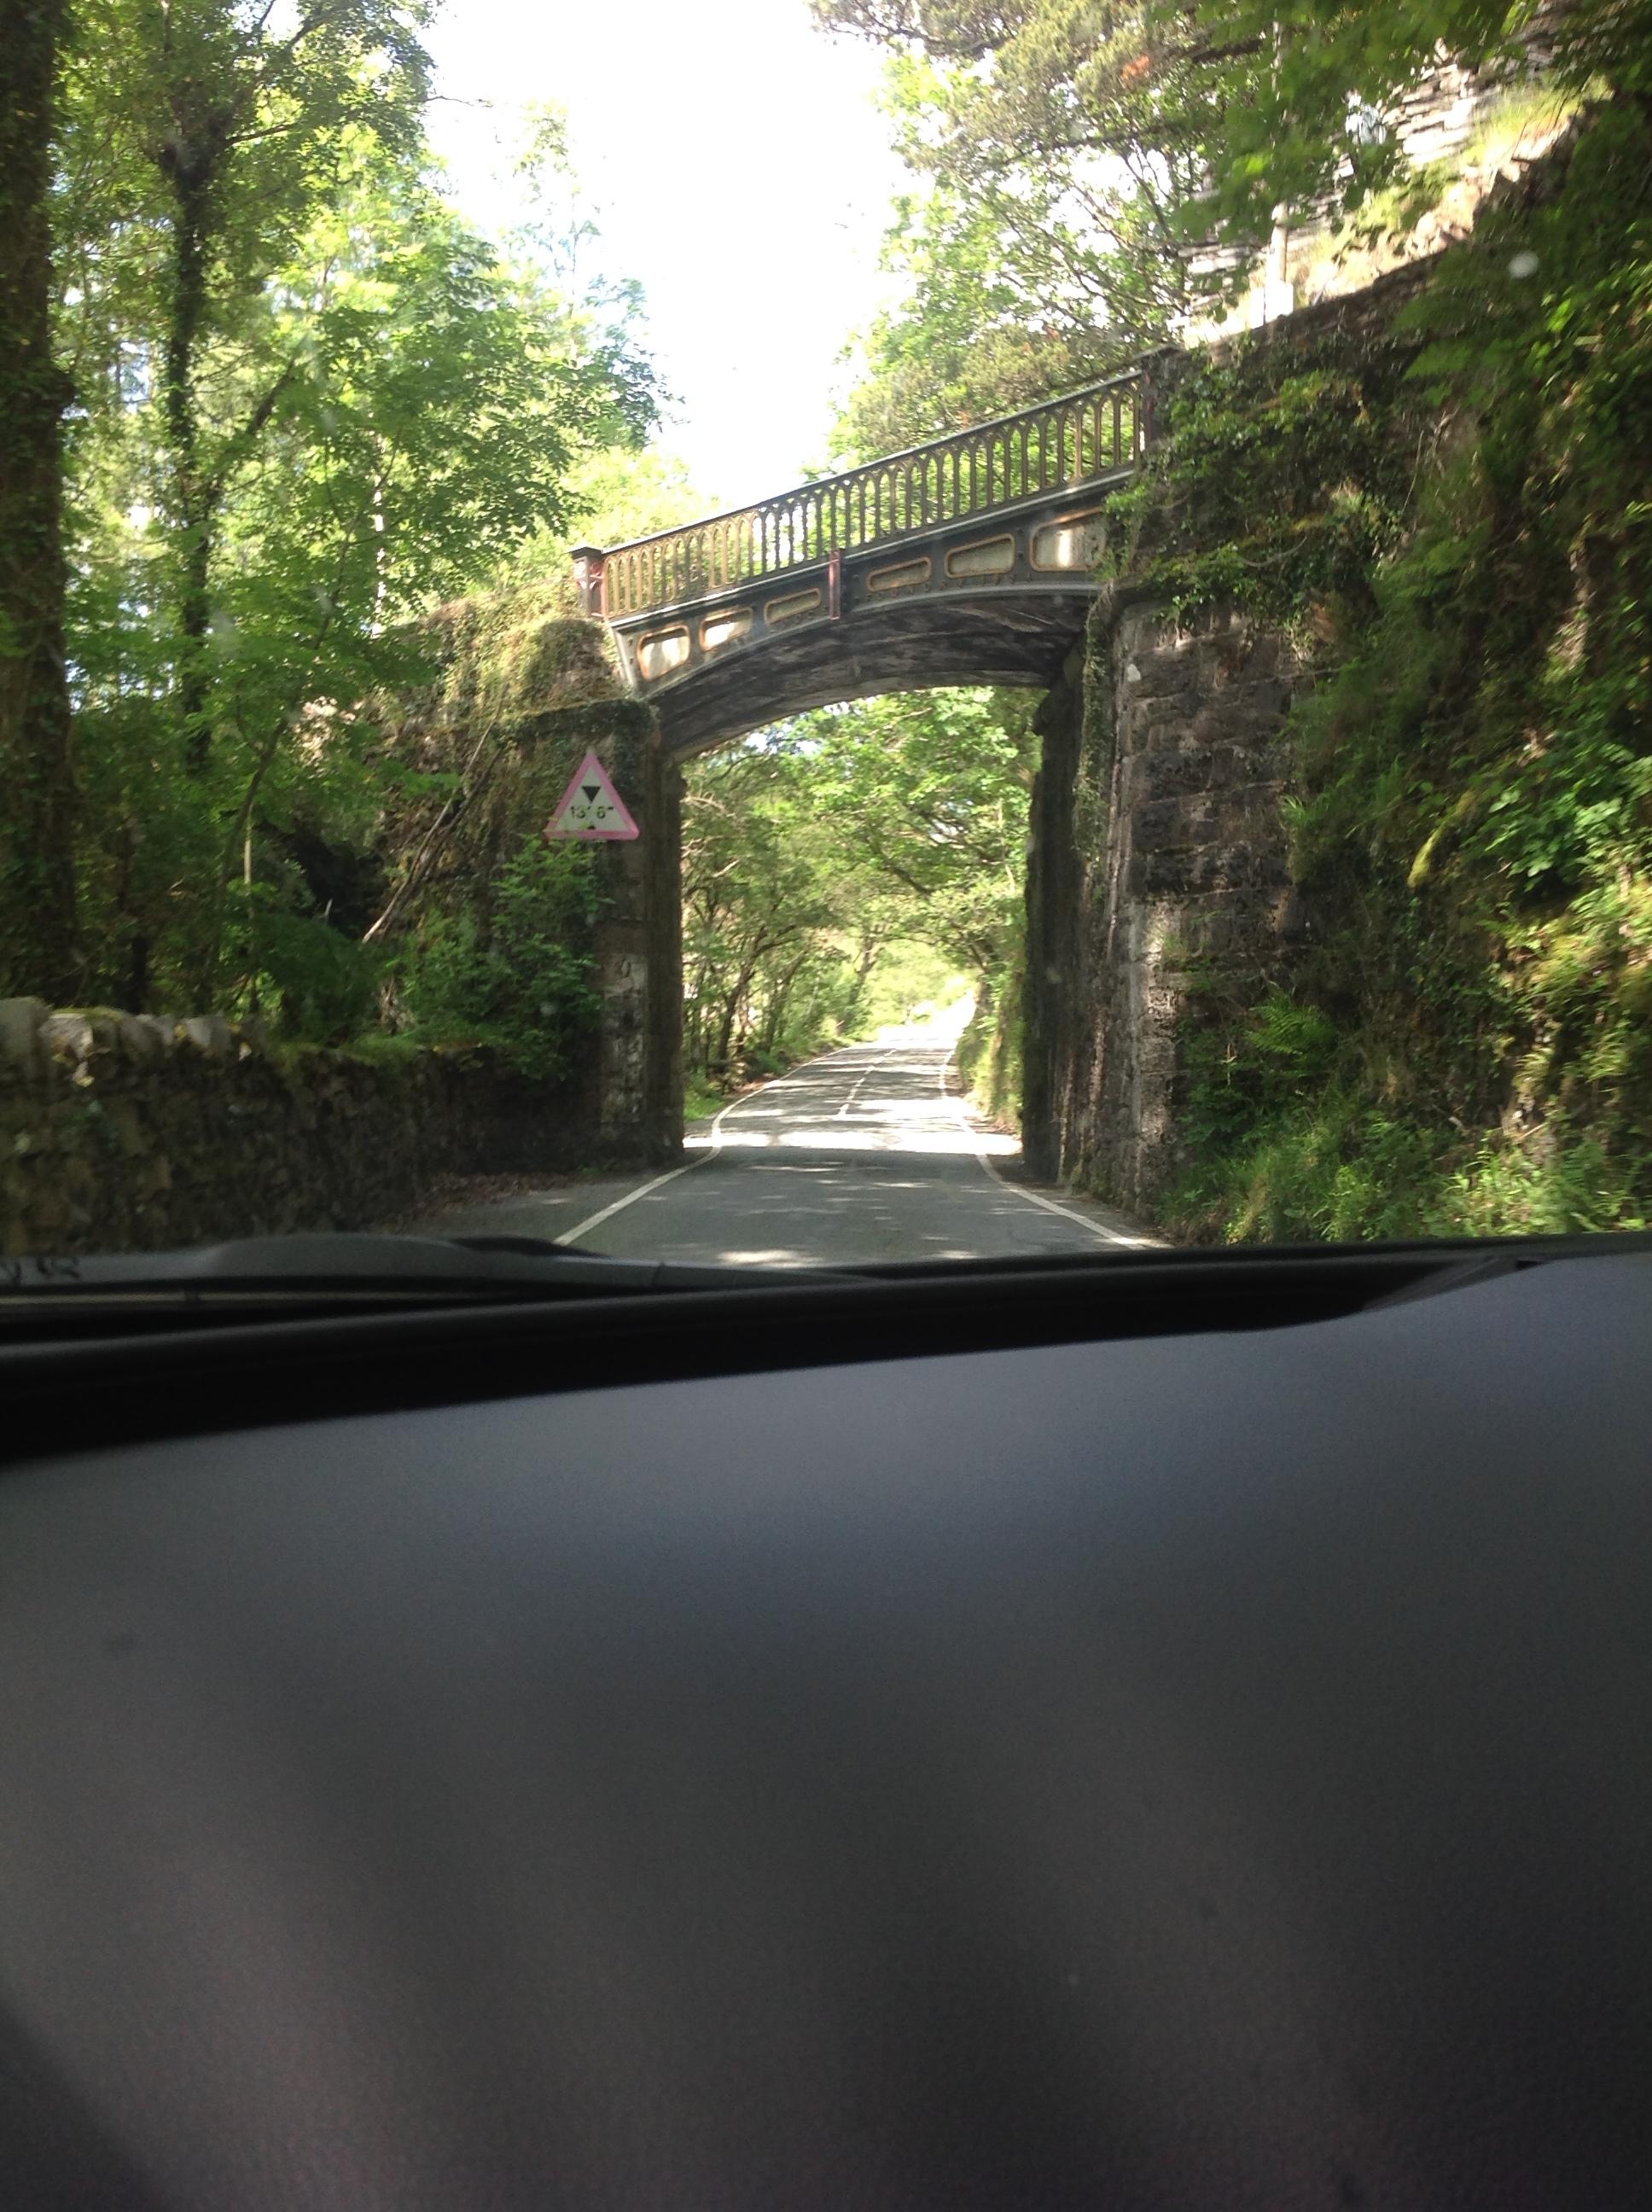 Narrow roads in Wales ...